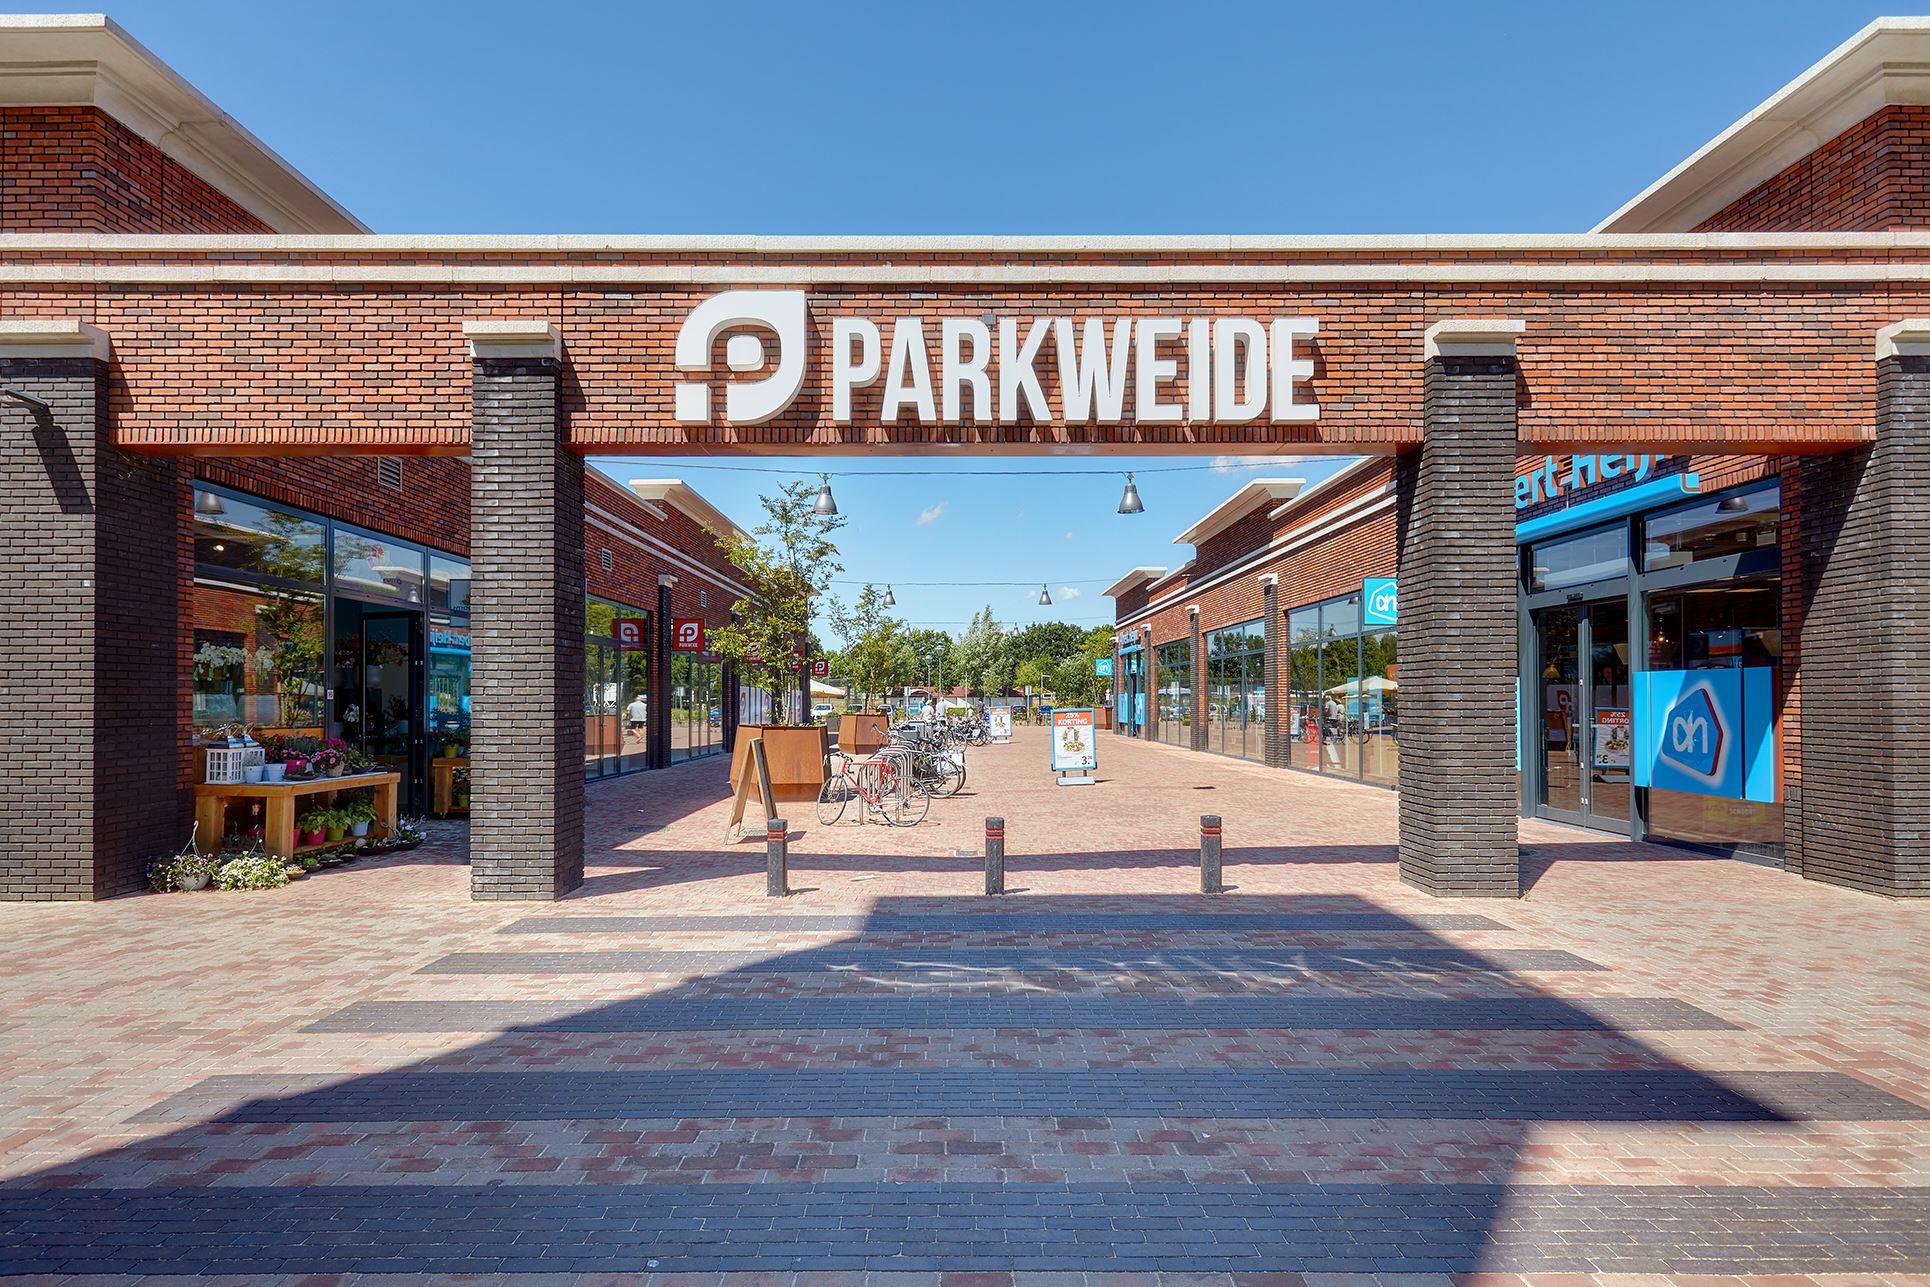 Parkweide – Ede